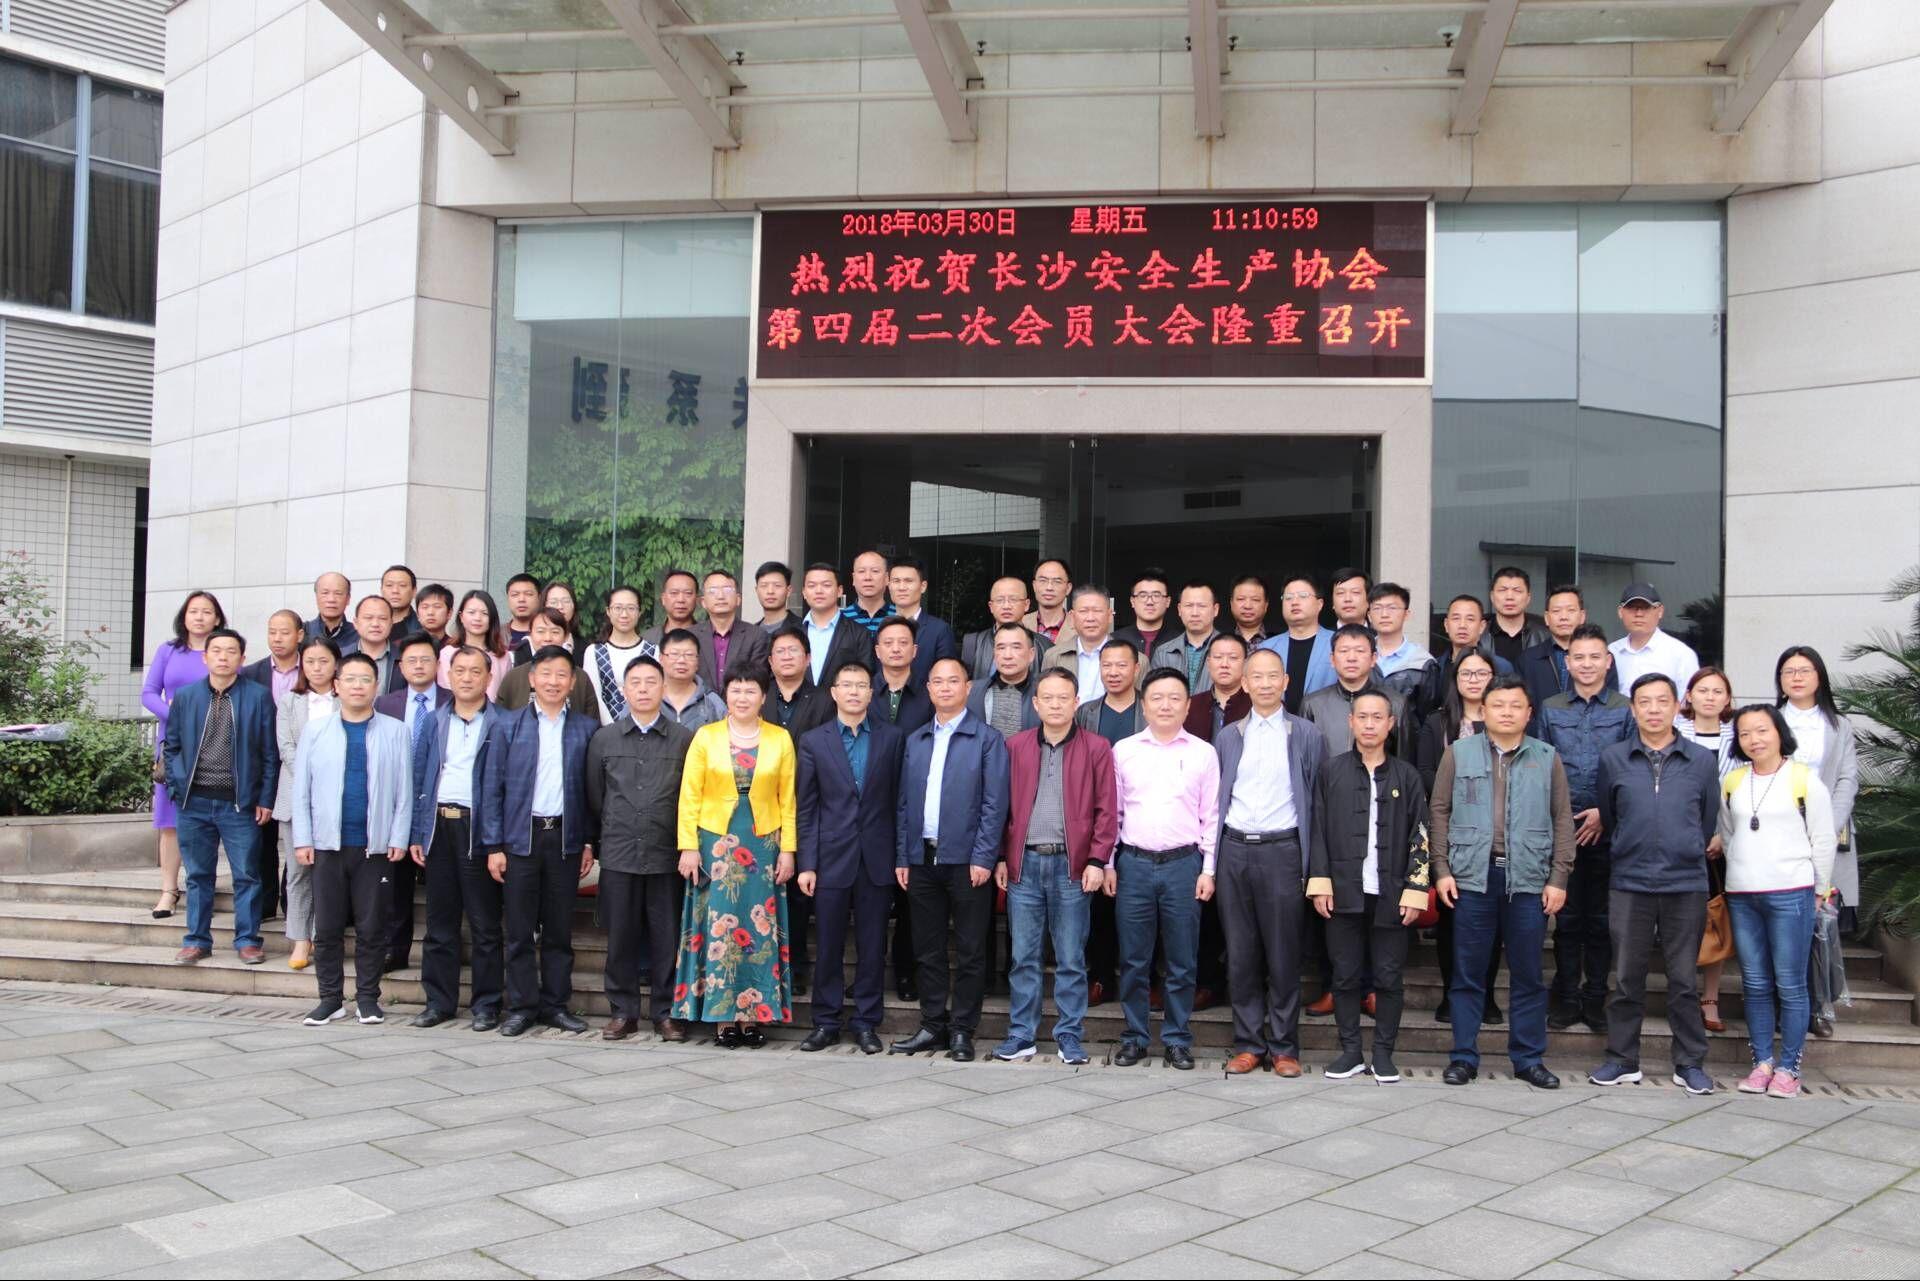 长沙市安全生产协会第四届第二次会员大会隆重召开!